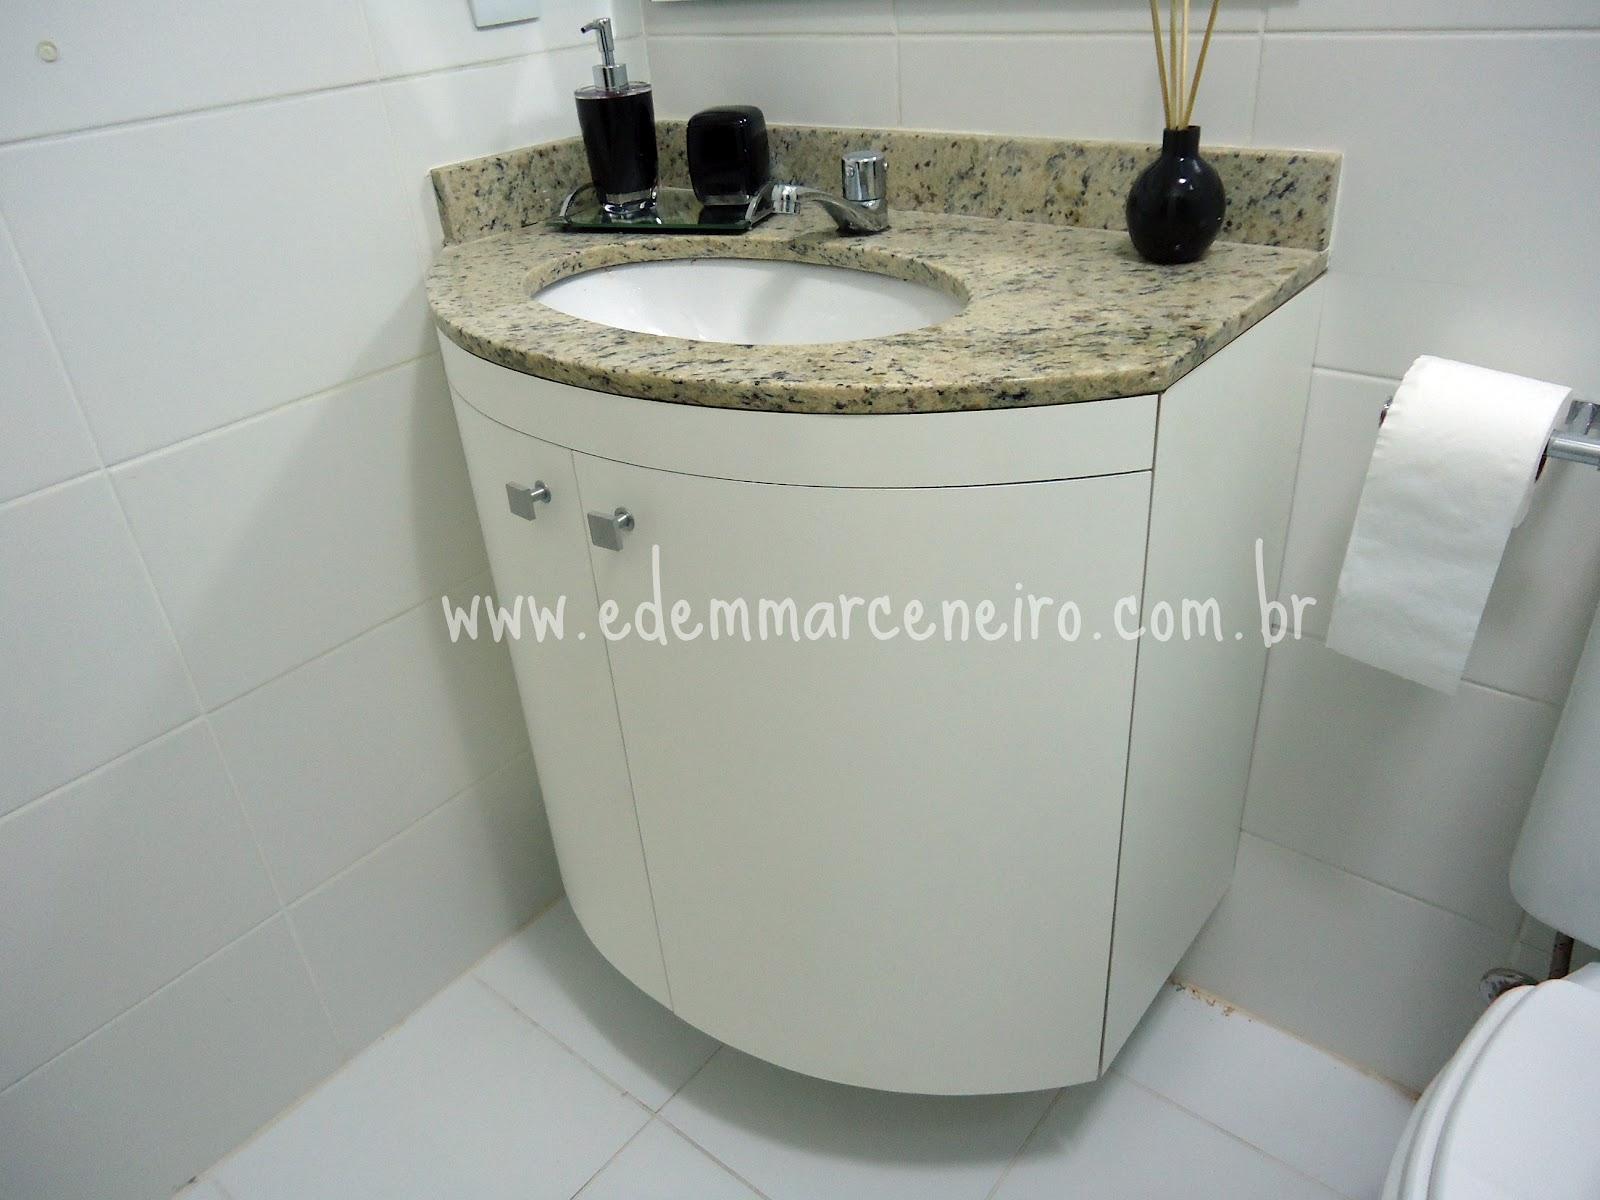 Armário para bancada em curva Edem Marceneiro #767055 1600x1200 Armario Banheiro Com Tulha